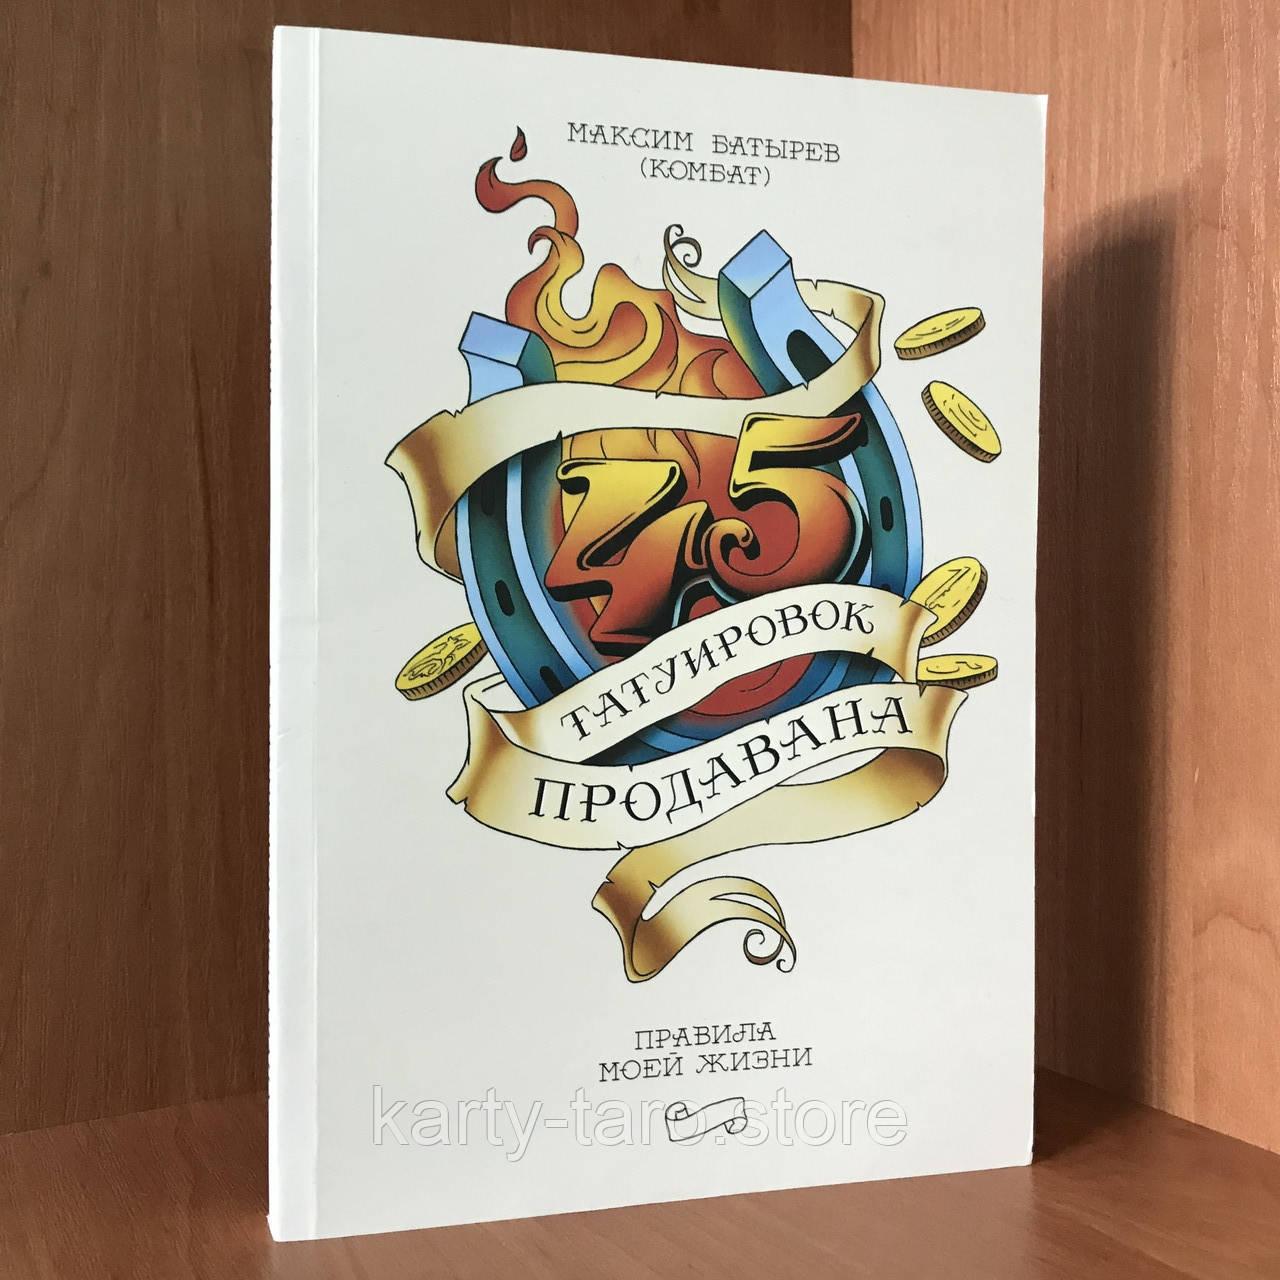 Книга 45 татуировок продавана. Правила для тех, кто продает и управляет продажами - Максим Батырев